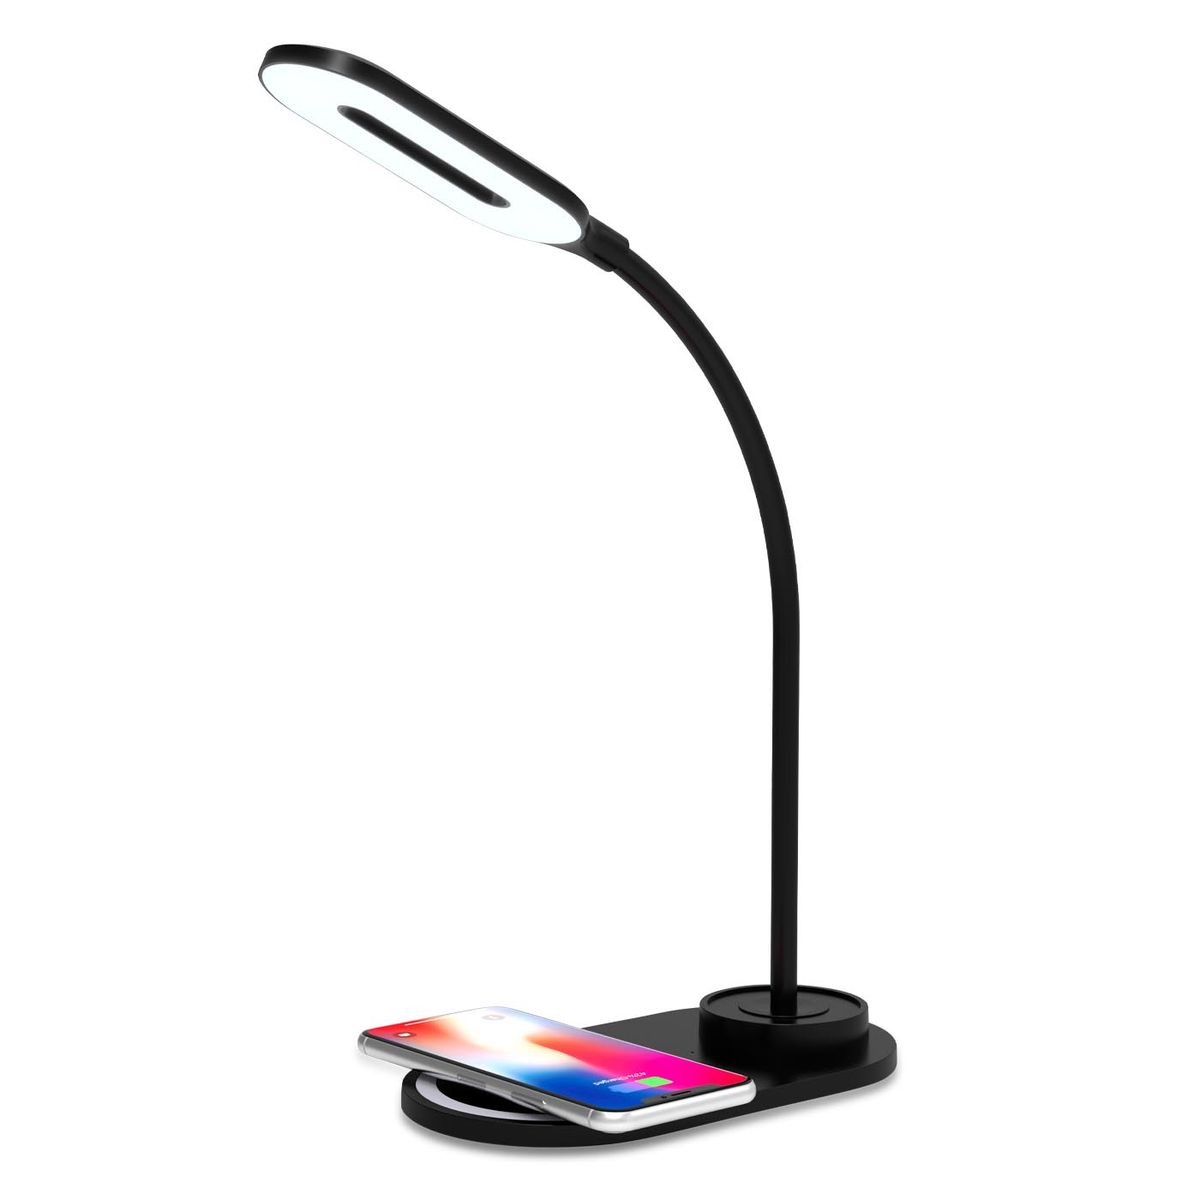 Настольная лампа Ambrella light DE589 Desk (Зарядная платформа)